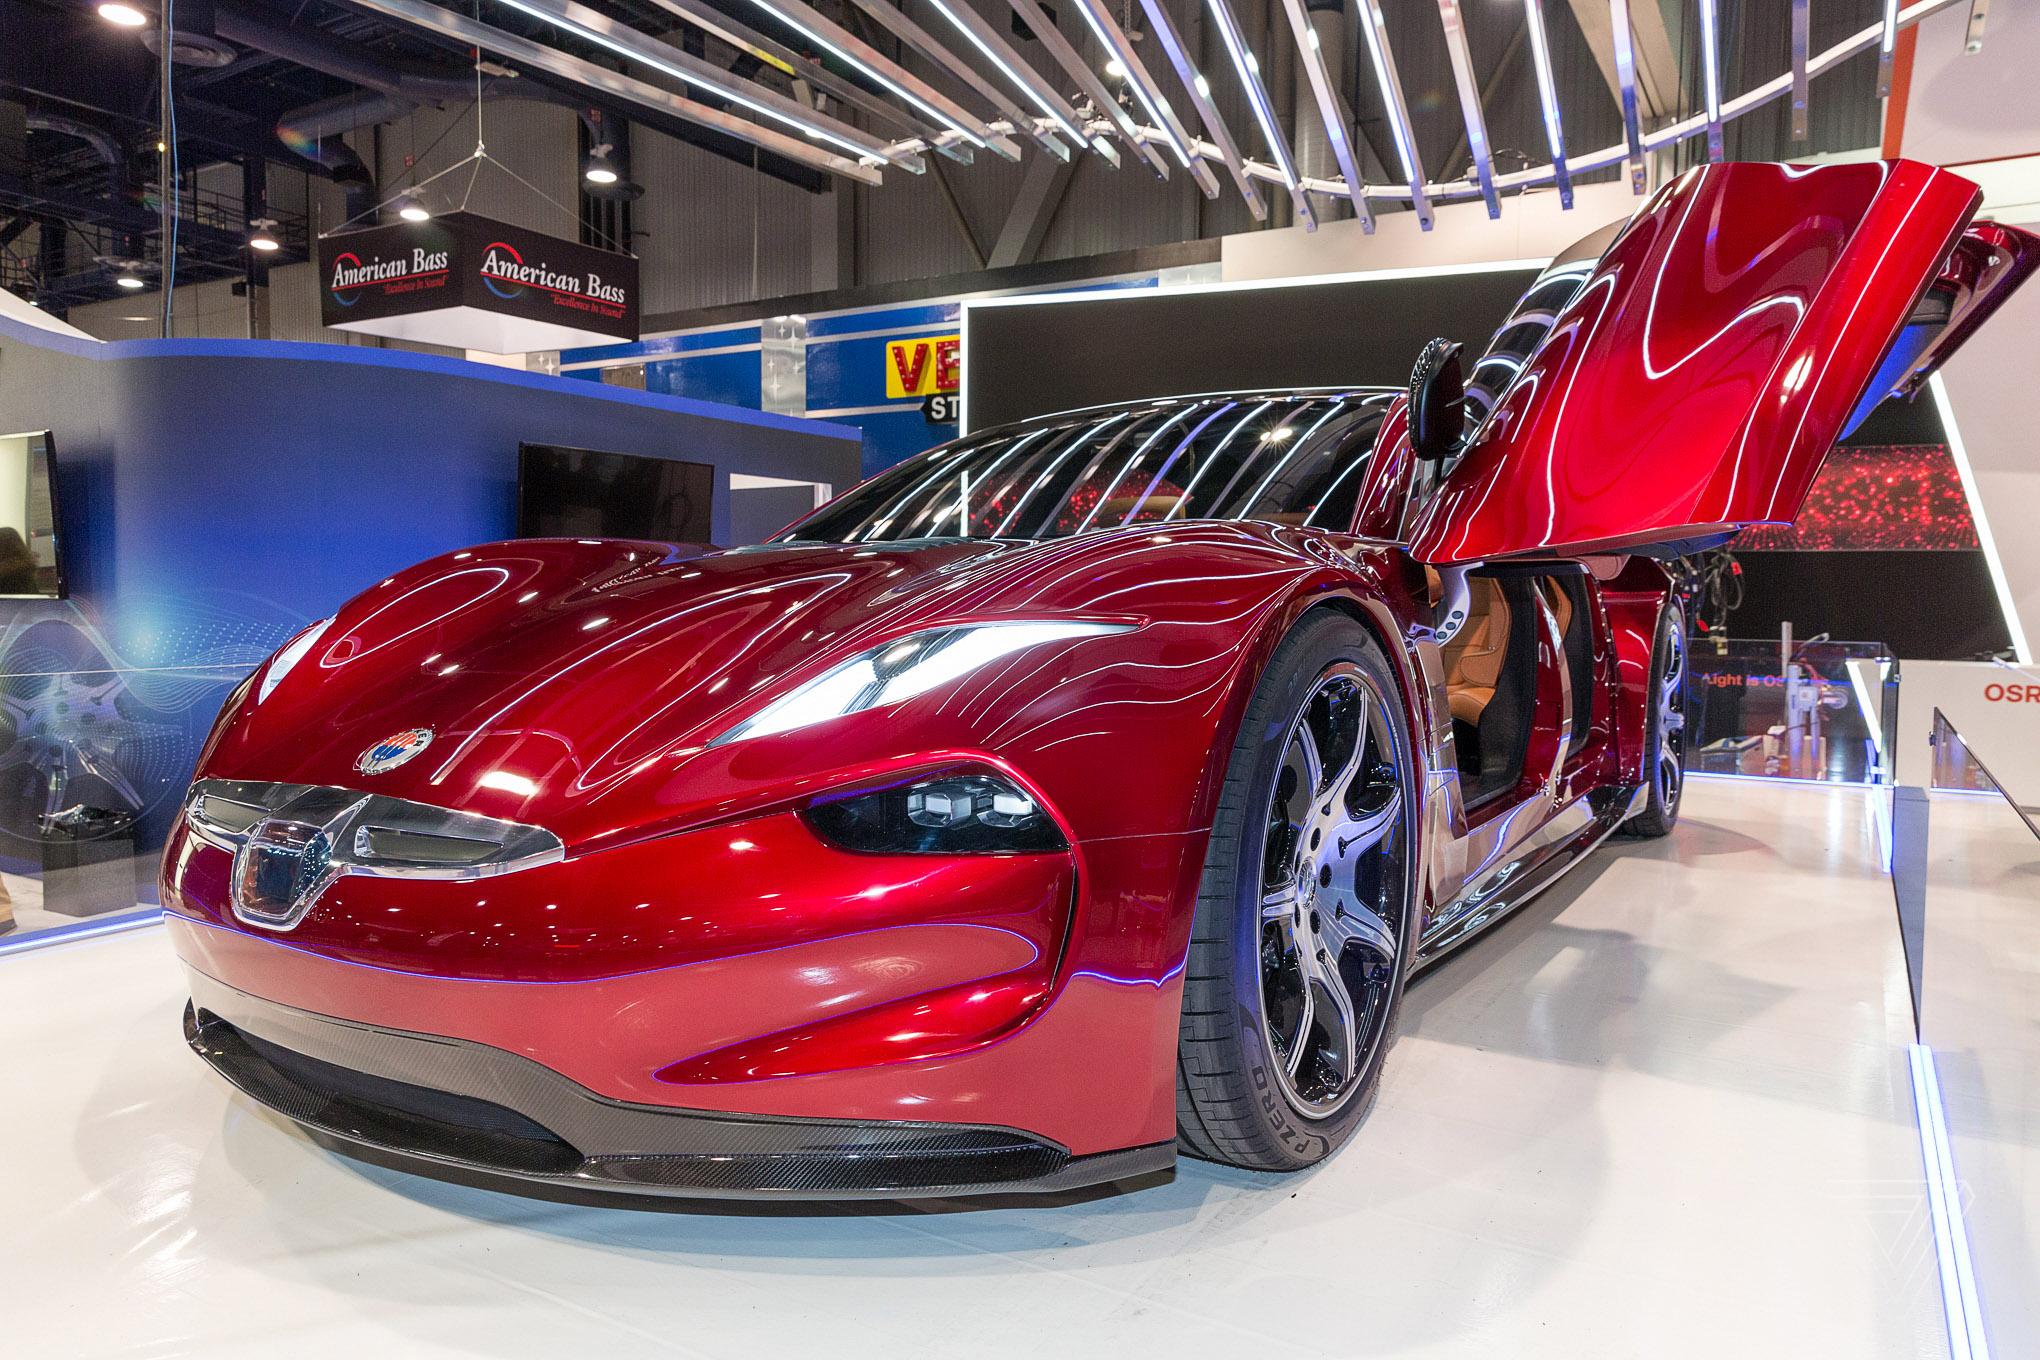 Fiskers Autonomous EMotion Electric Car Promises Miles Of - Luxury car show